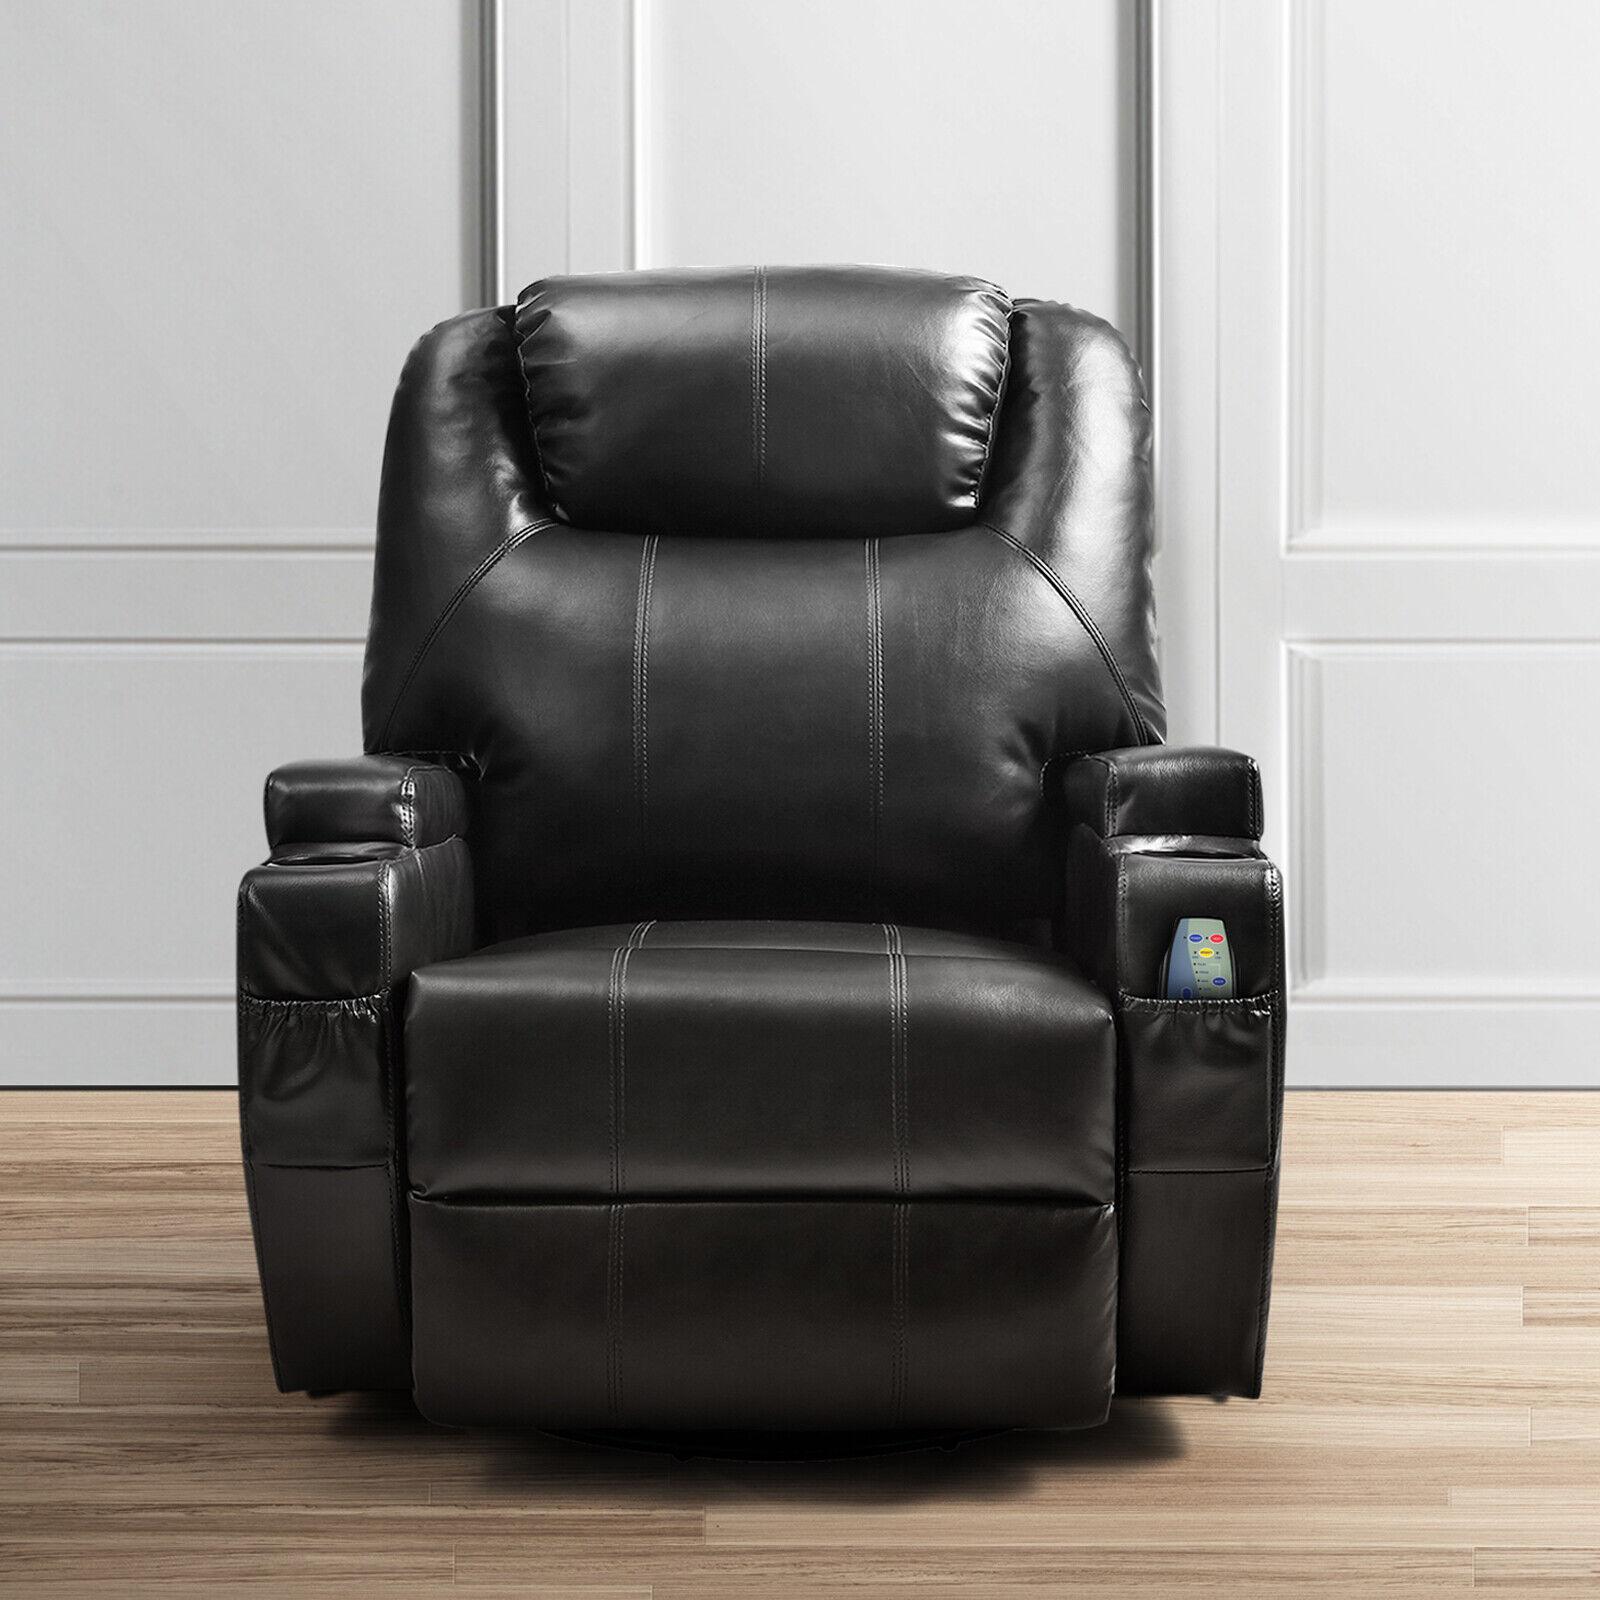 Fantastic Full Body Massage Recliner Chair Leather Vibrating Heat Lounge 3600 Swivel Black Short Links Chair Design For Home Short Linksinfo